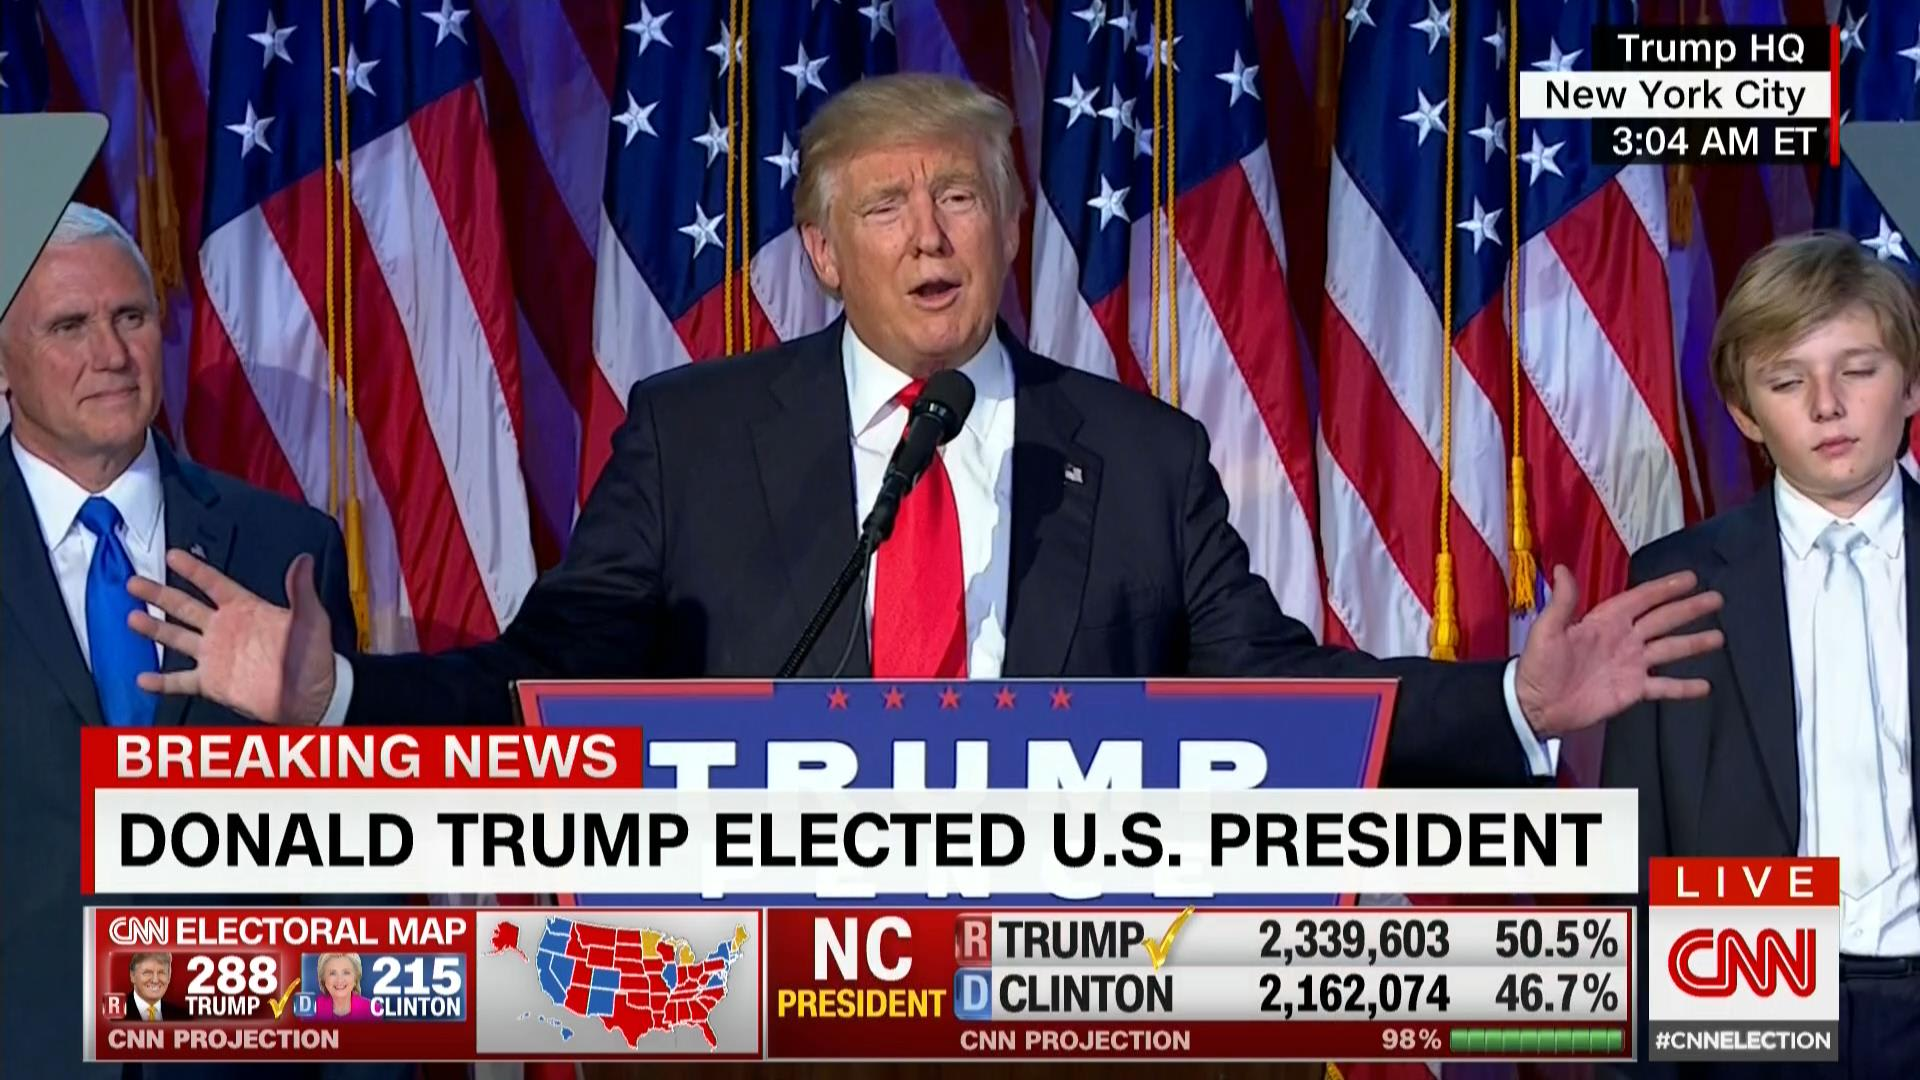 ترامب في خطاب النصر: سأكون رئيسا لكل الأمريكيين وحان الوقت للوحدة ومعالجة الجراح